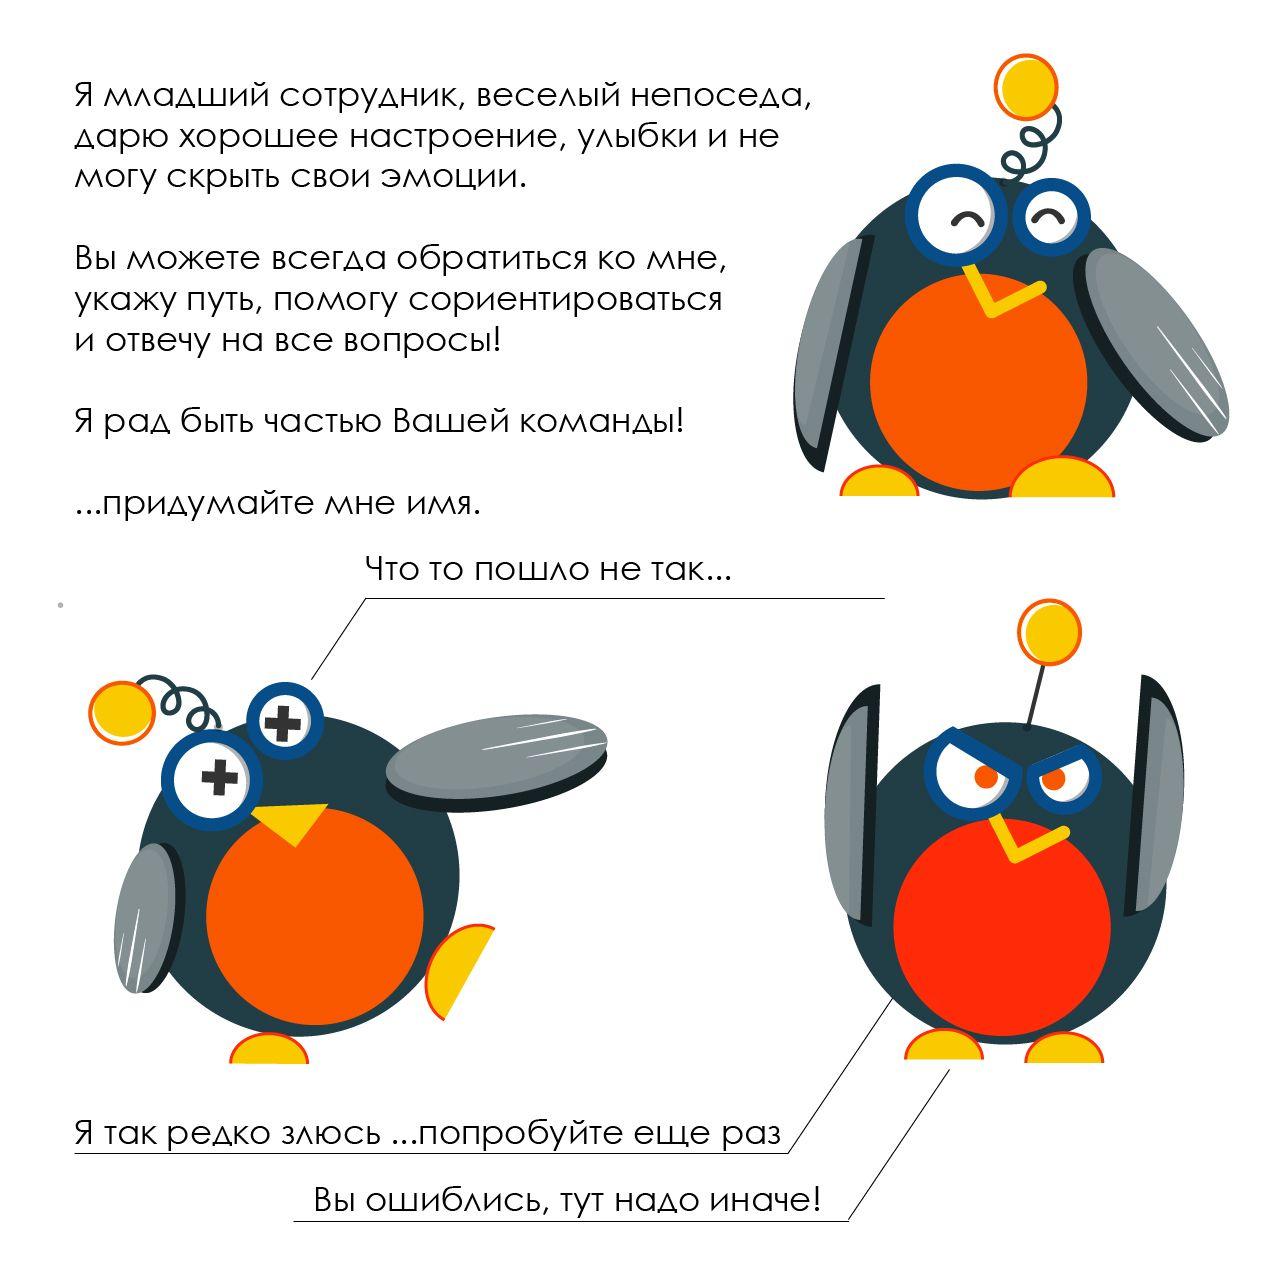 Создание персонажа для Департамента IT-компании - дизайнер Vasilina